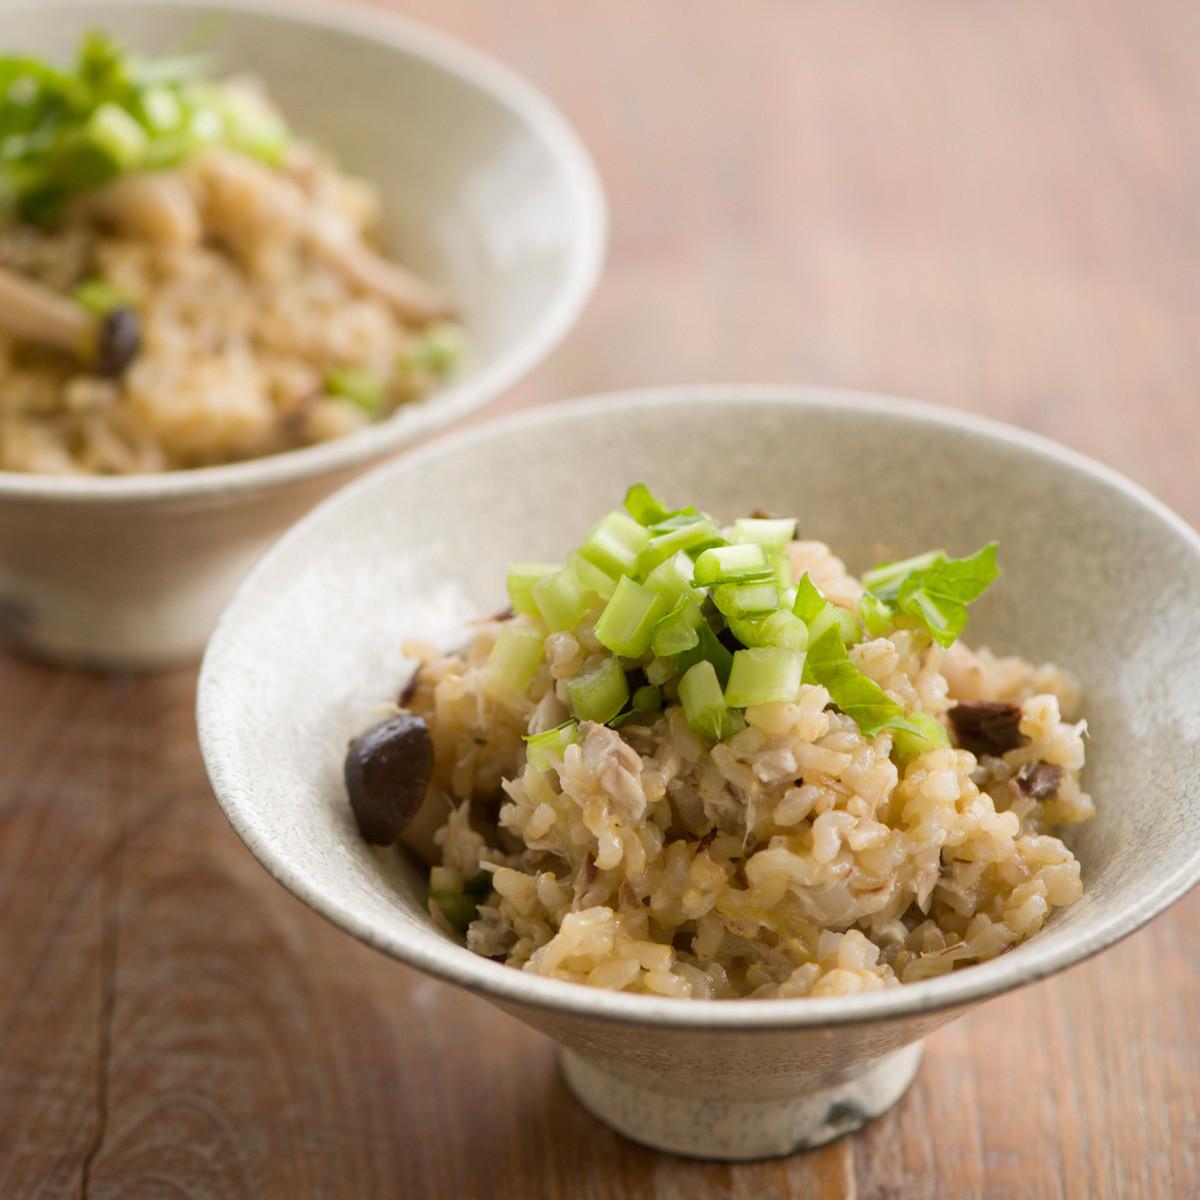 【ダイエットにもおすすめの食事やメニューは? Atsushi流レシピ】_ぶなしめじ+ごはん「しめじとサバの炊き込みごはん」